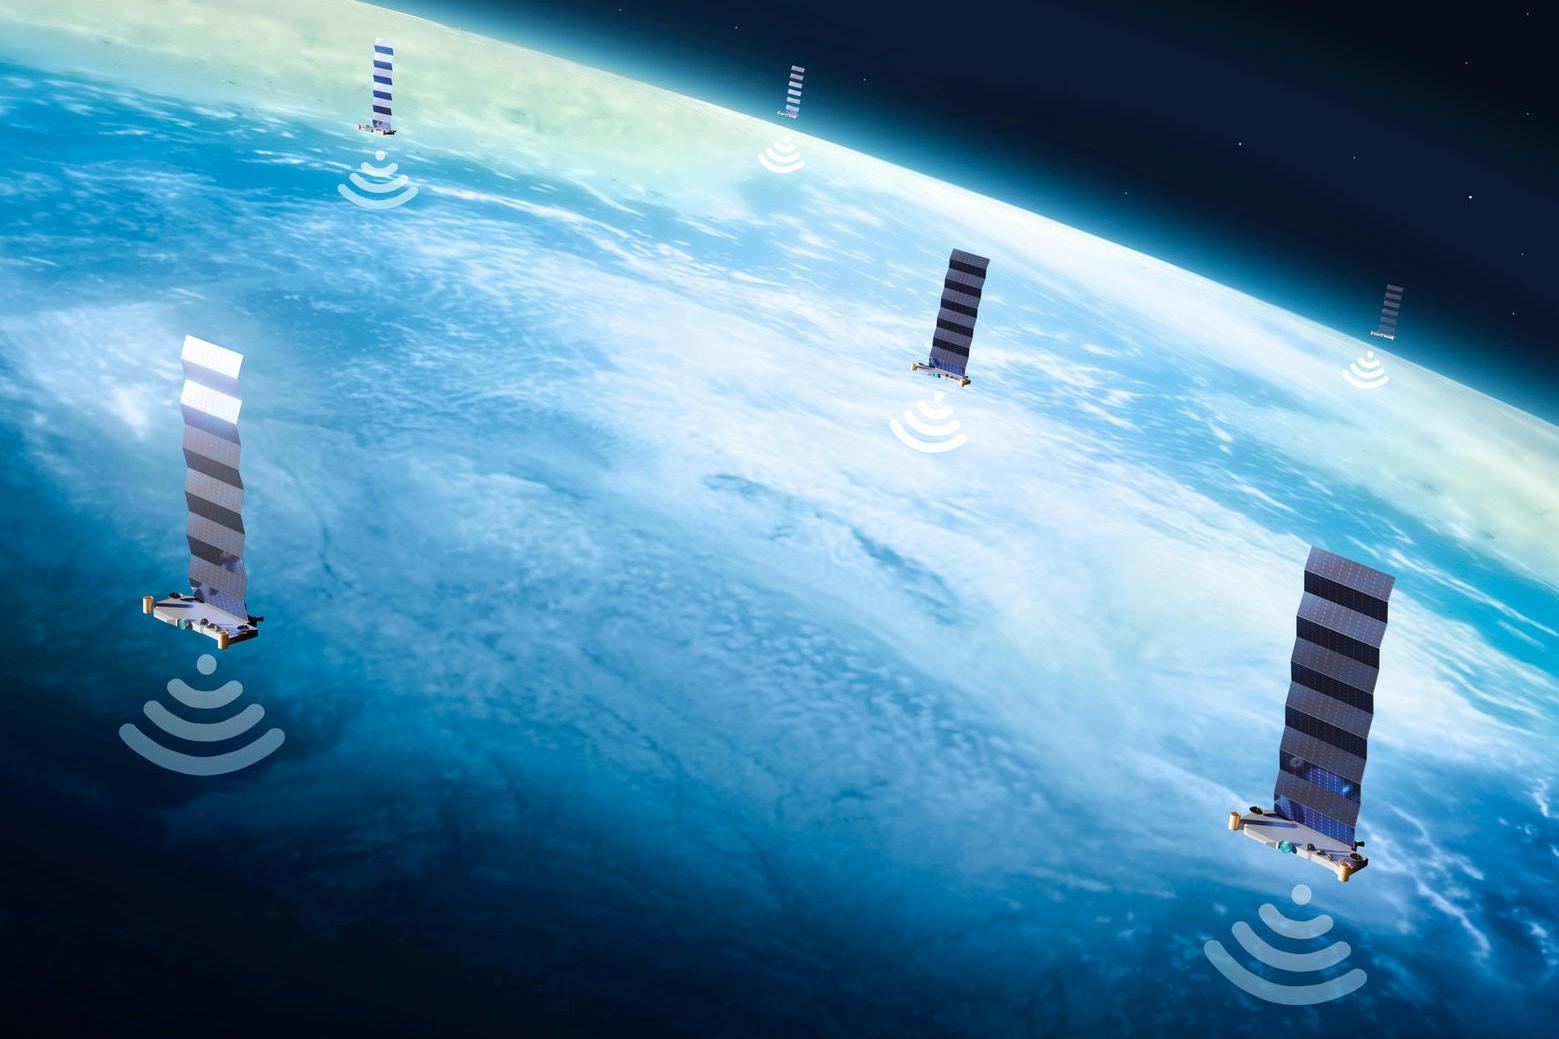 Dịch vụ Internet vệ tinh của Elon Musk 'sợ' cây